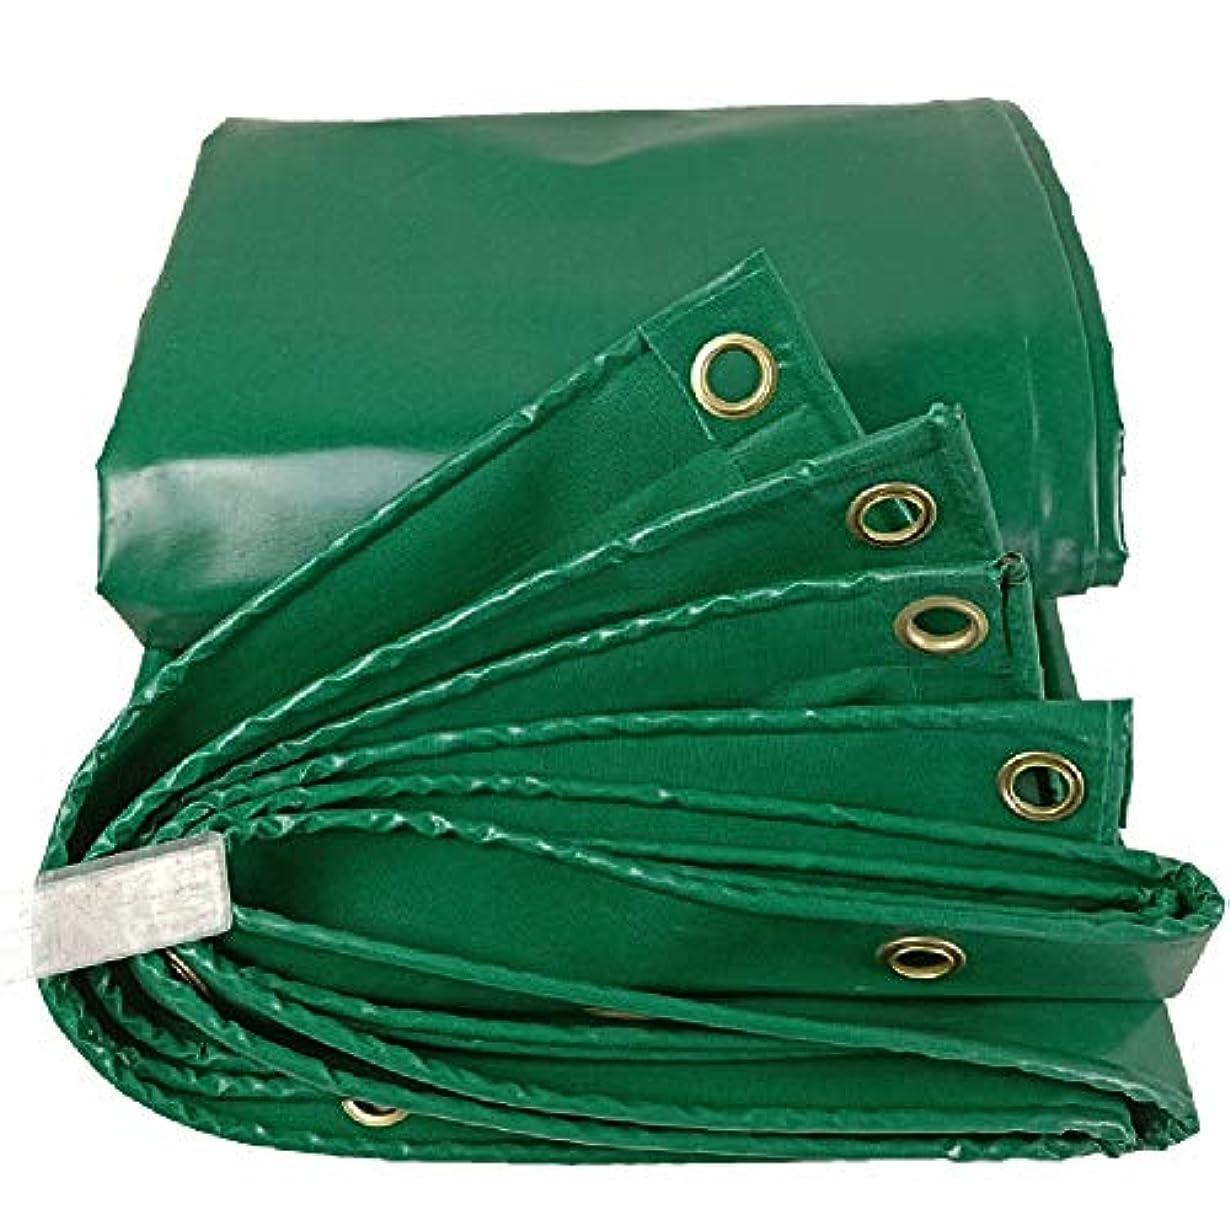 適用するええ愛国的なLIXIONG オーニング屋外の 日焼け止め 流した布 折りやすい 厚くする ホットメルト加工 防雨布、 17サイズ カスタマイズ可能 (色 : 緑, サイズ さいず : 1.9x2.85m)